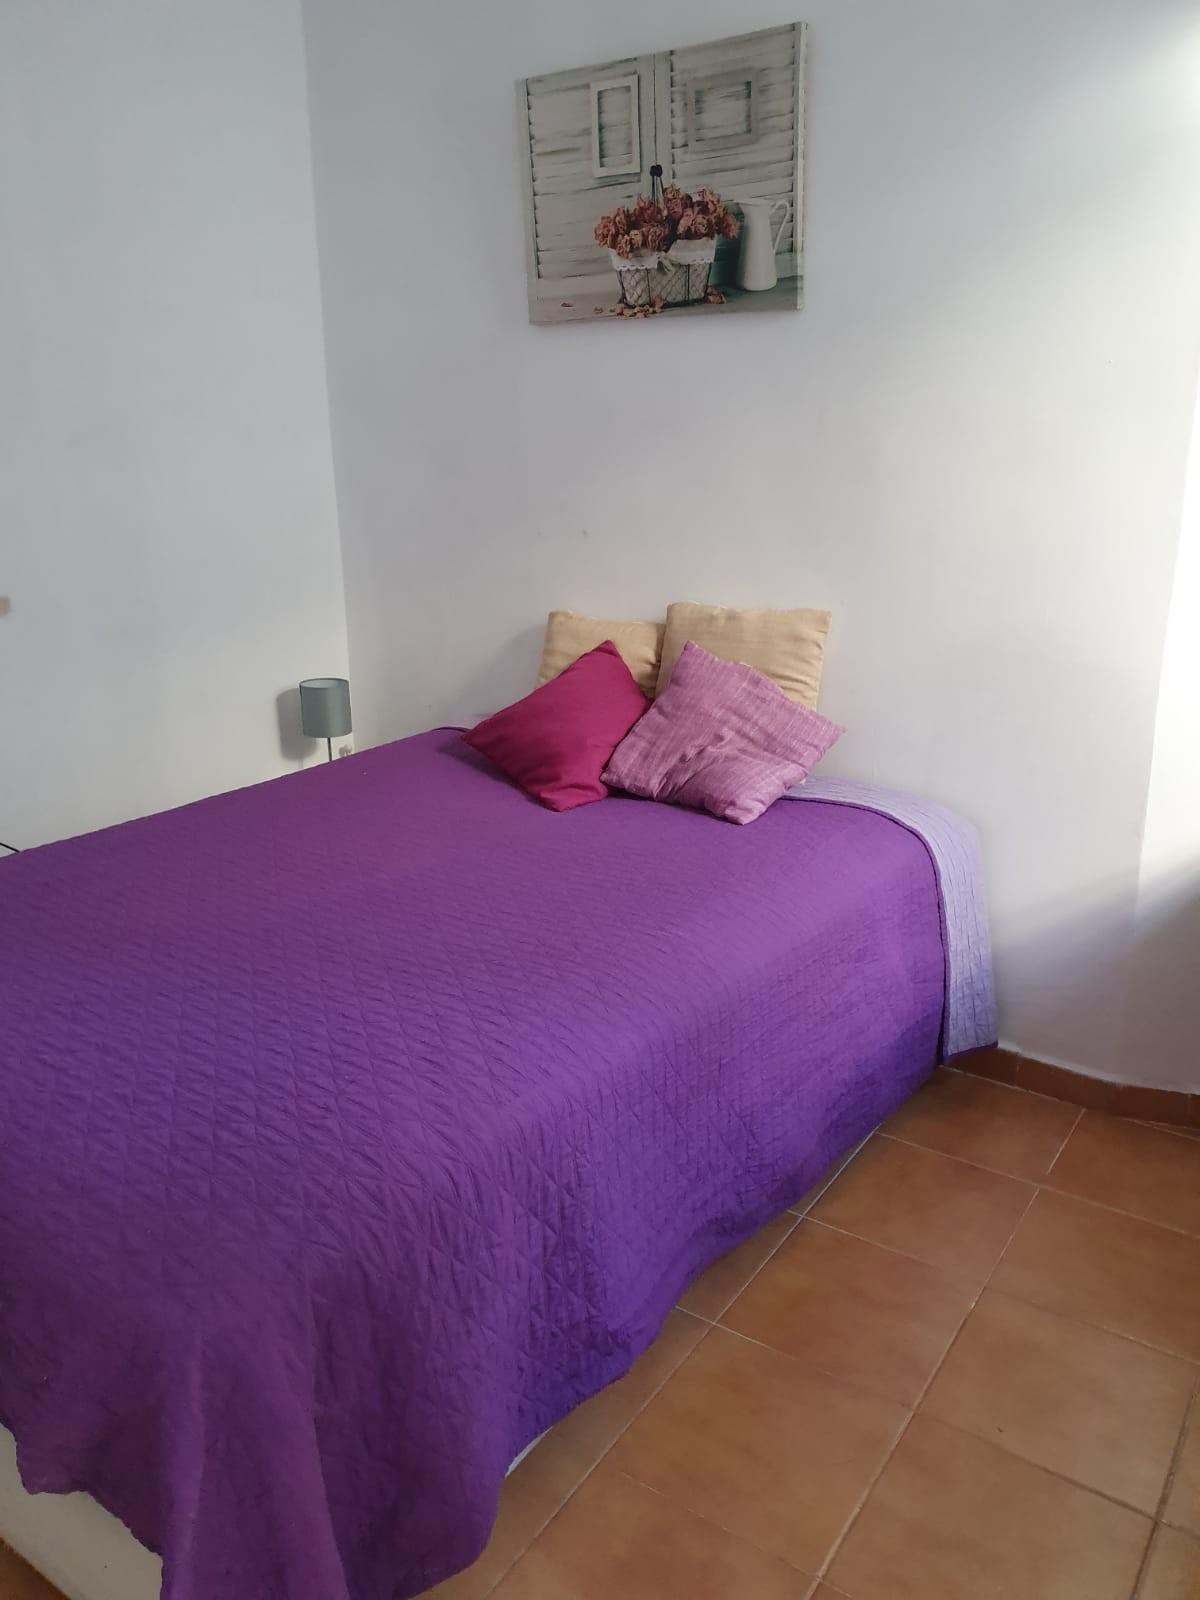 habitación en  pleno centro de Cádiz, con cama gr